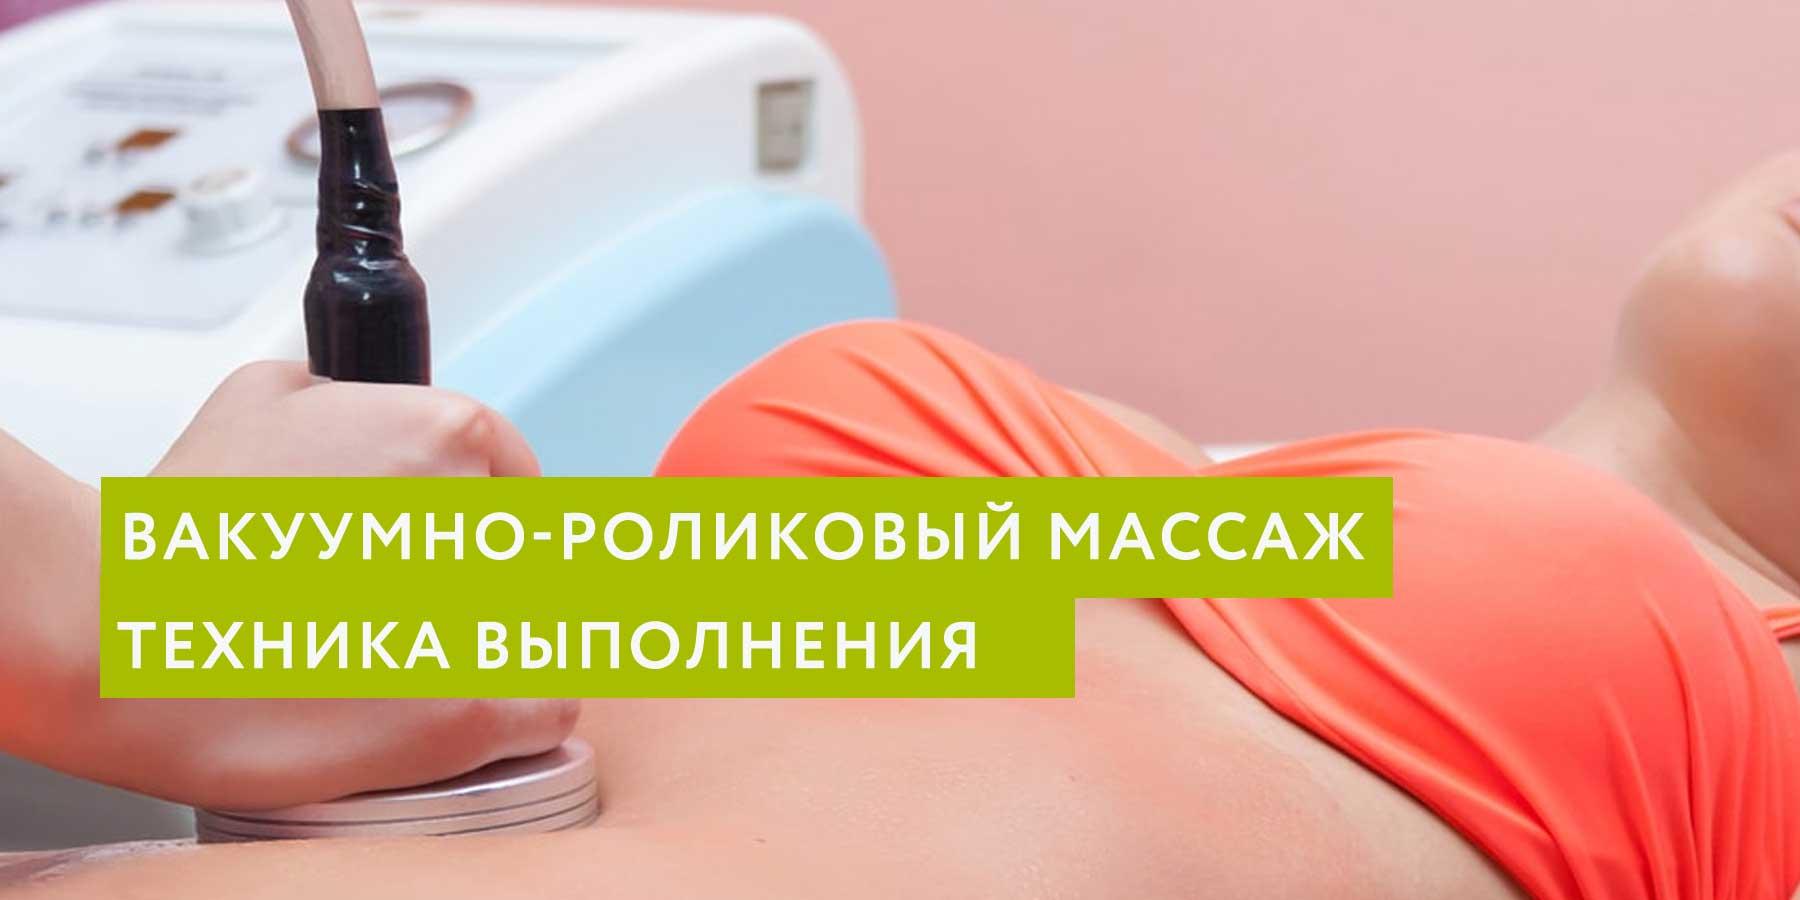 Вакуумно-роликовый массаж: техника выполнения